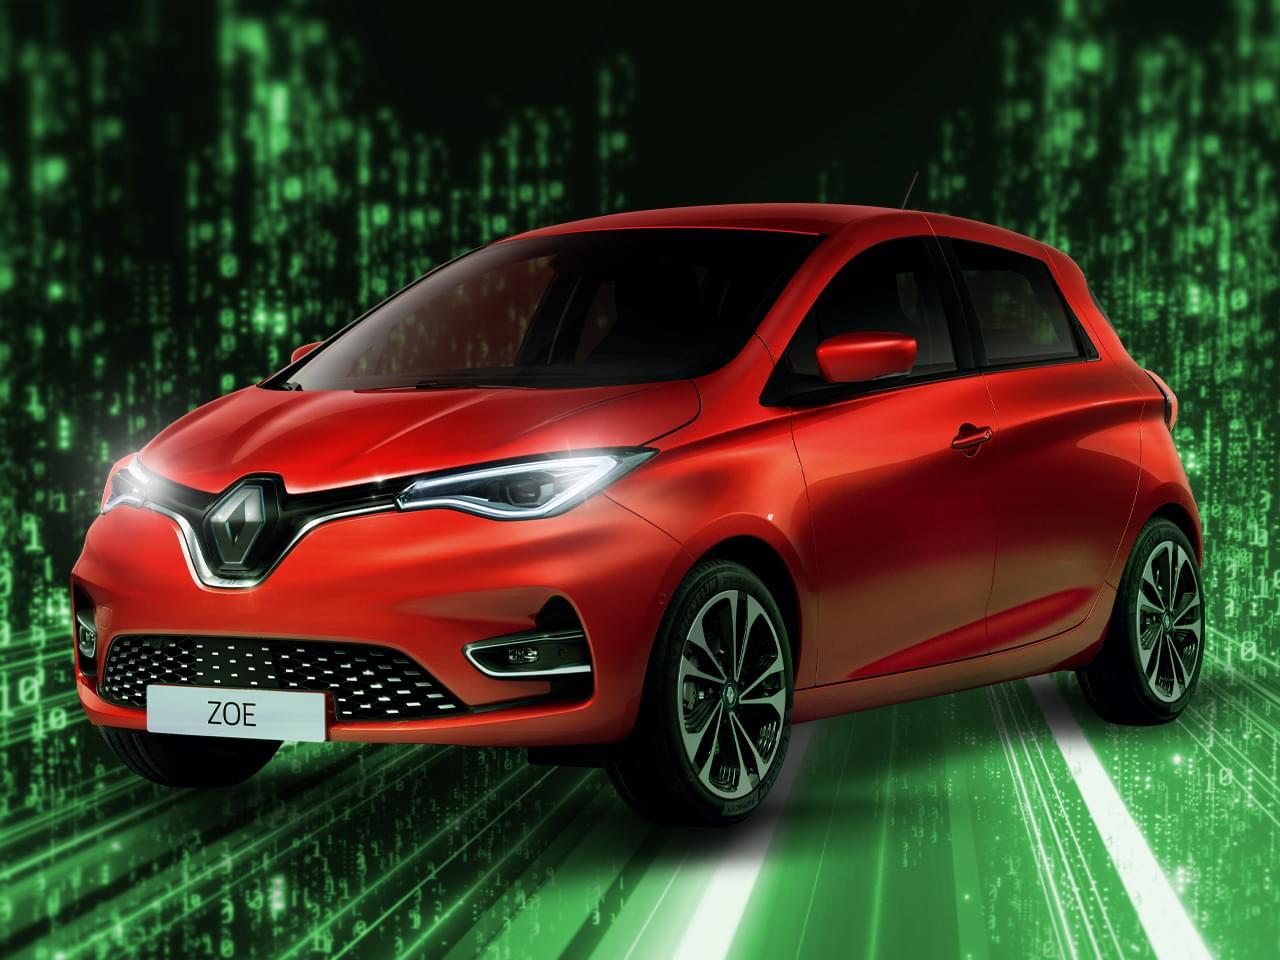 Renault Zoe 58 EURO* Intens Z.E.50 R135 -sofort lieferbar-